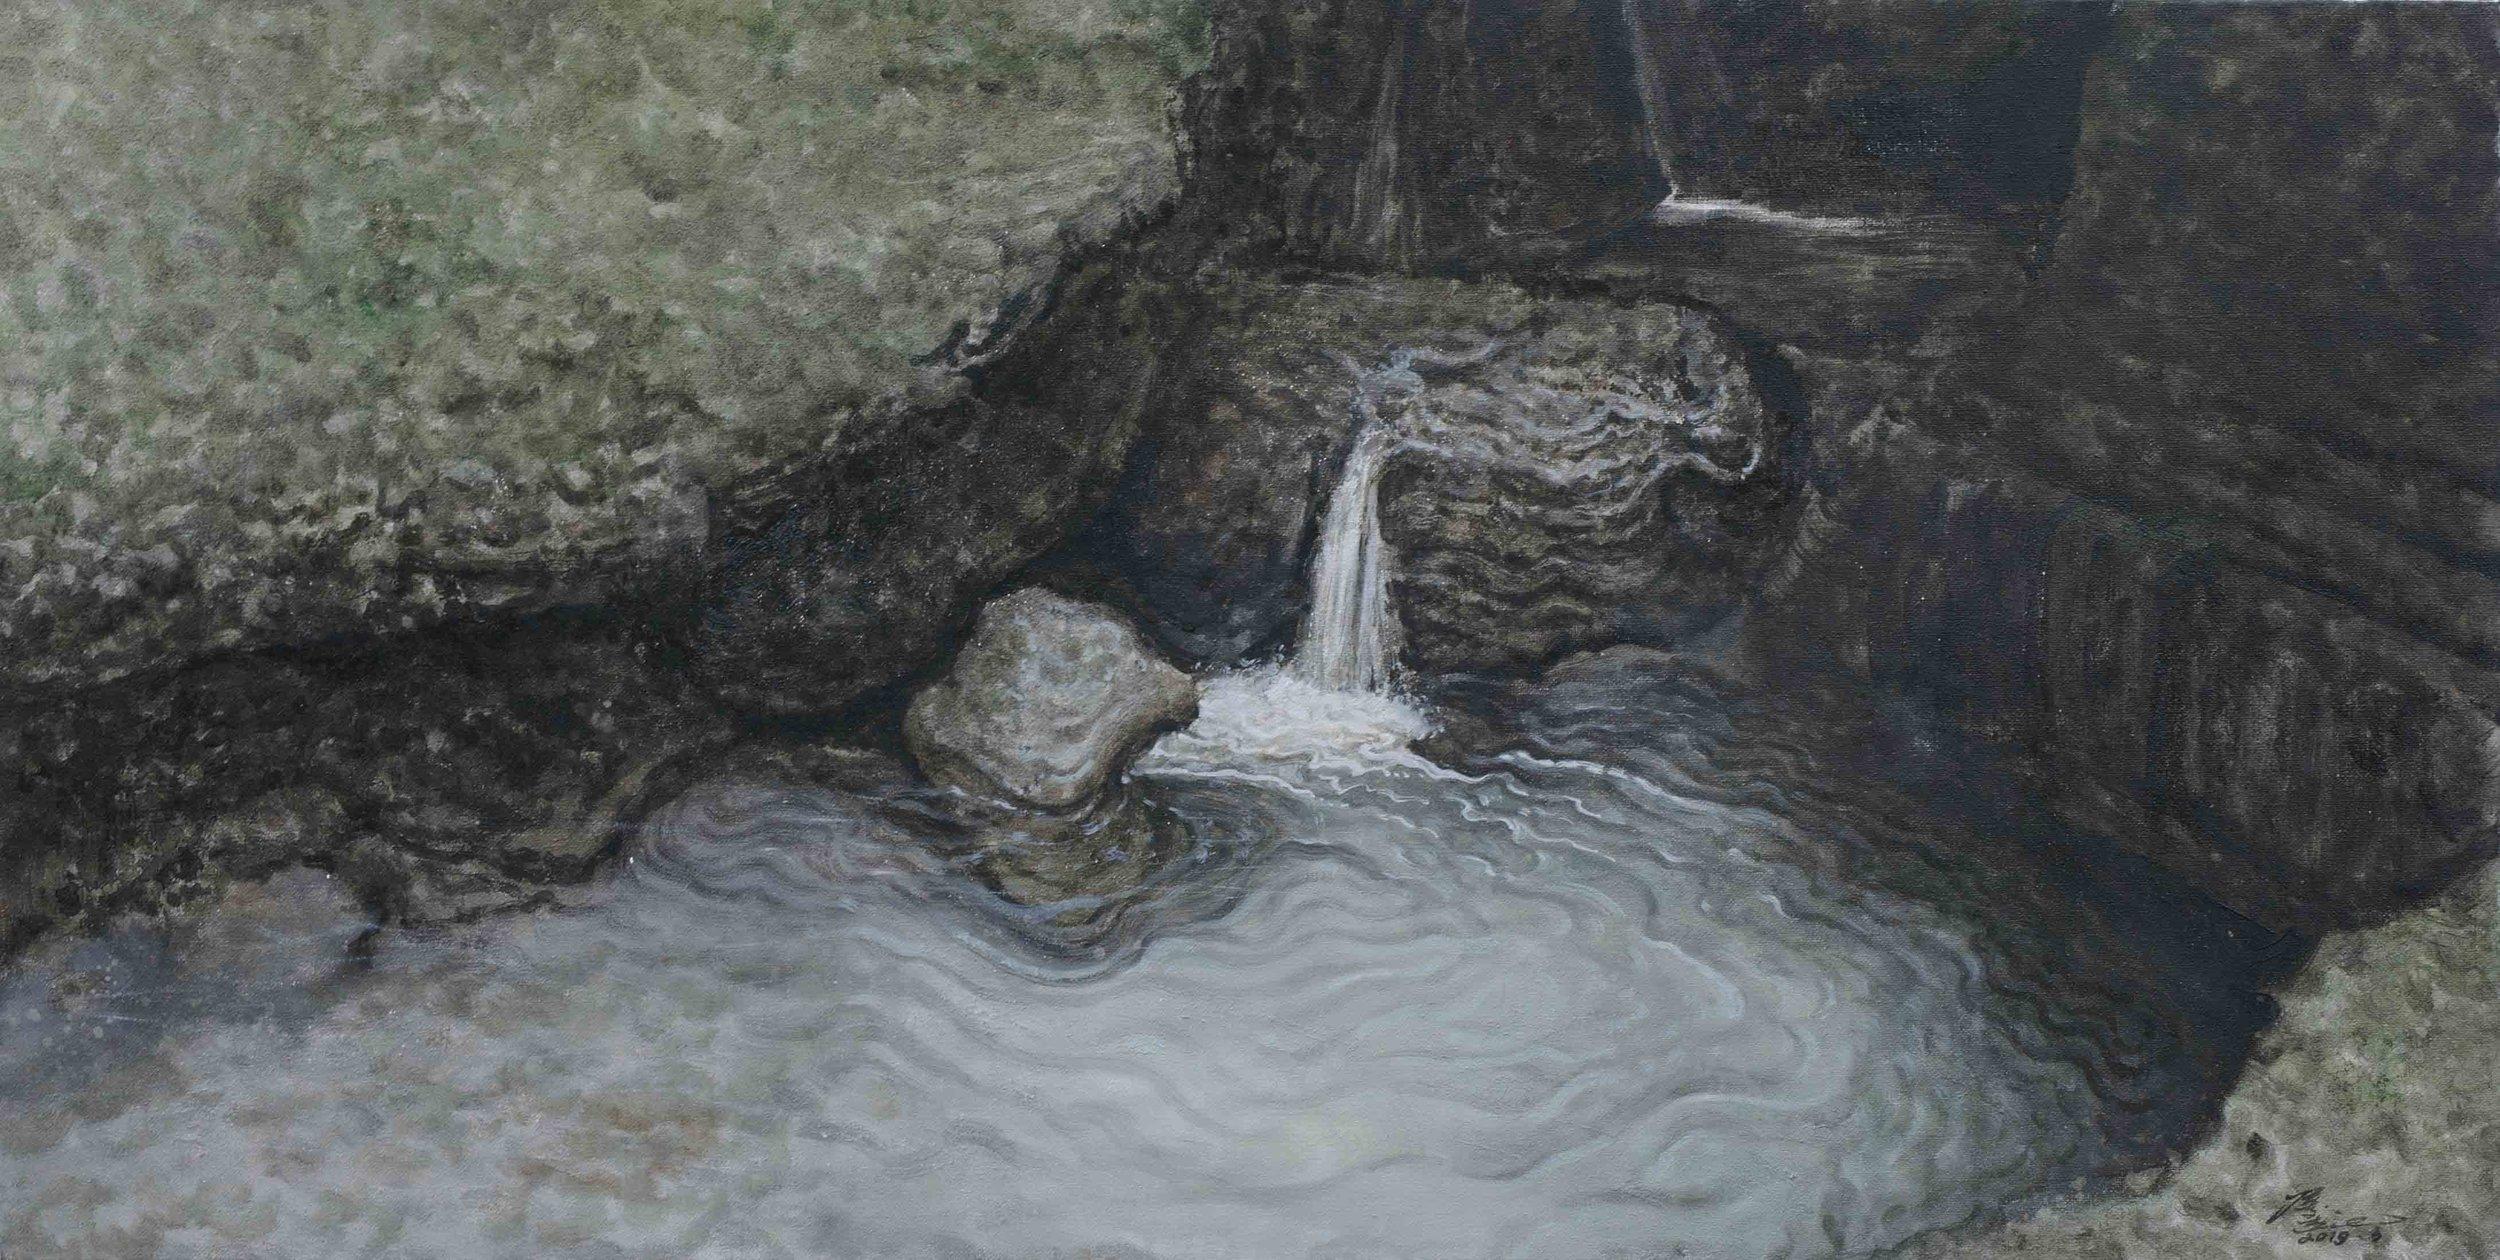 侯俊杰 HOU Junjie〈上善若水·聽泉NO.6 The Supreme Good is Like Water-Listening to the Spring NO.6〉